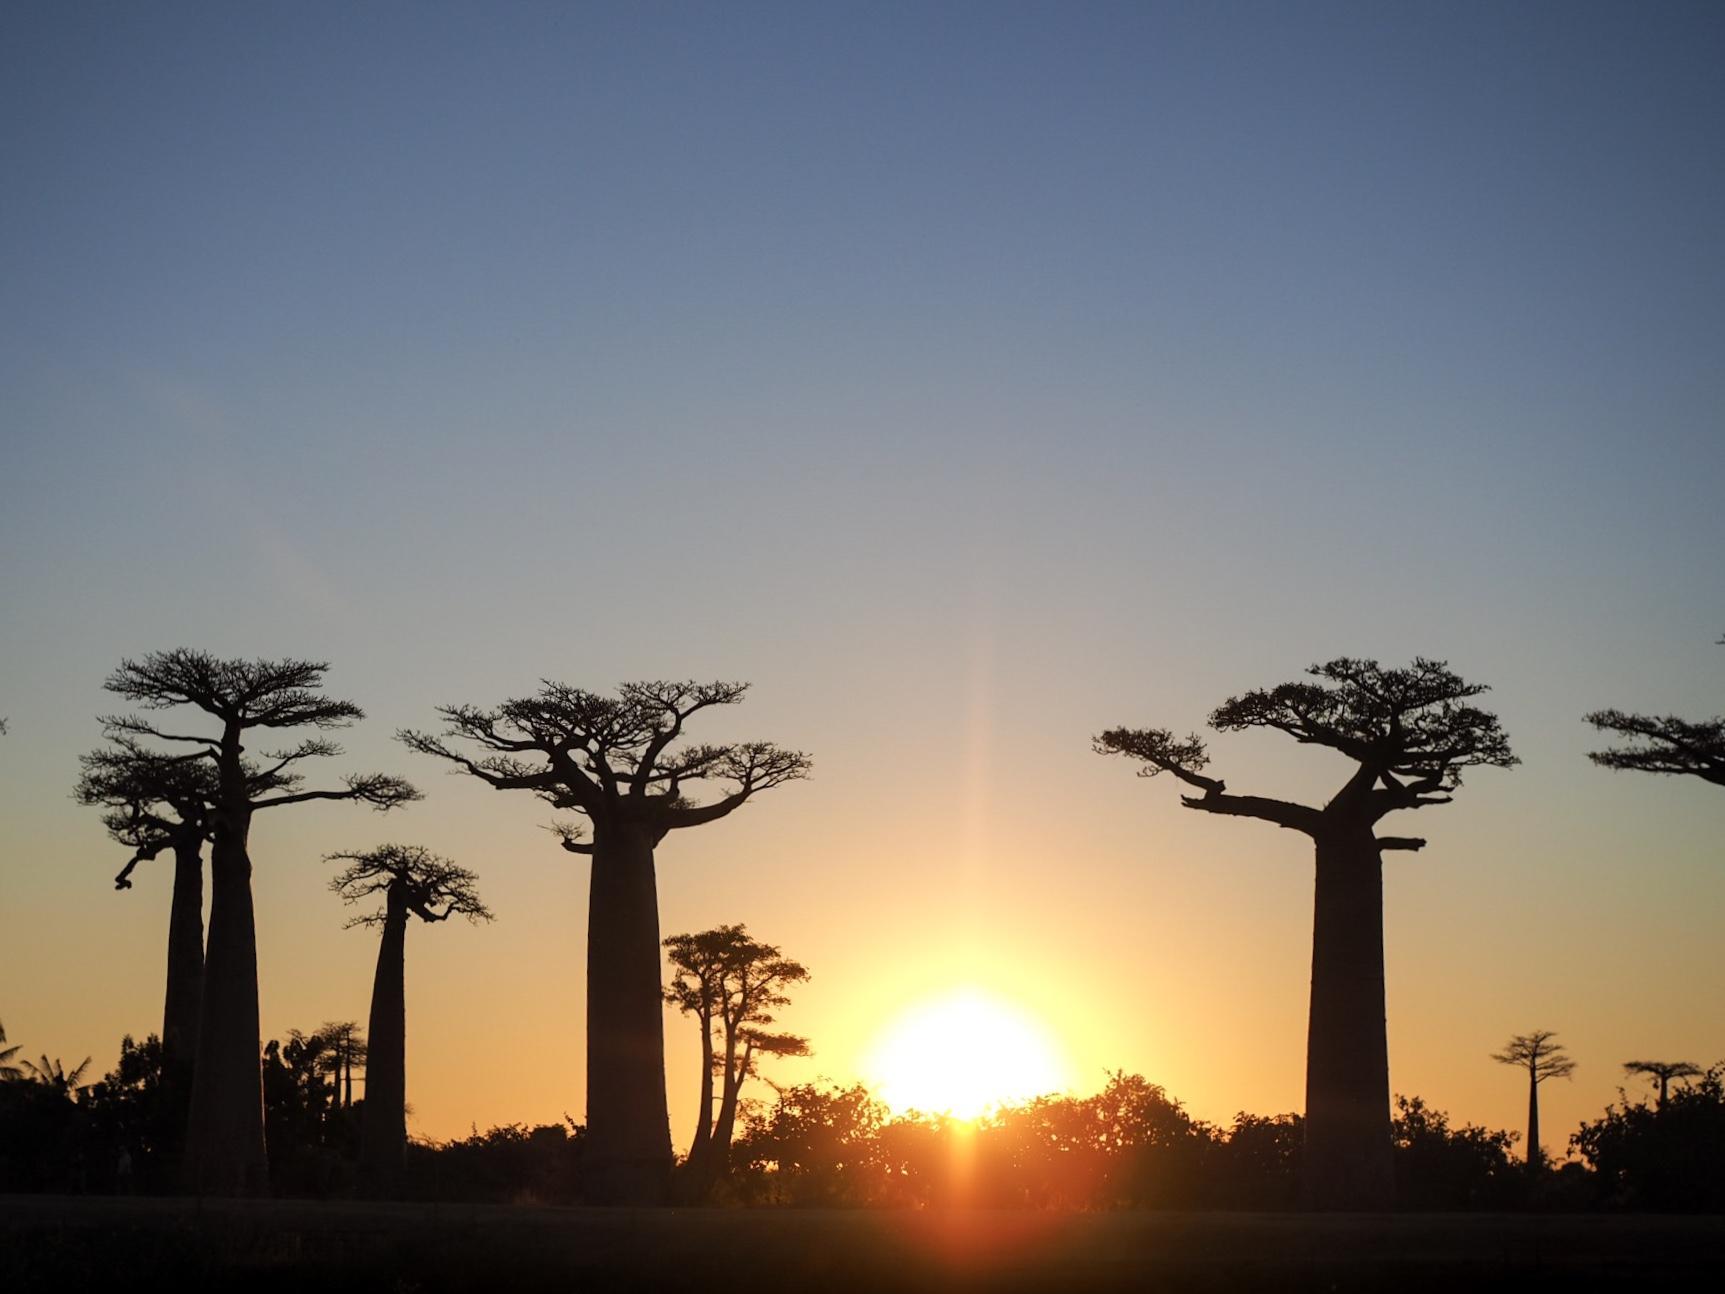 【マダガスカル/モロンダバ 】バオバブの木を見に行くツアーについて<2019年最新情報>